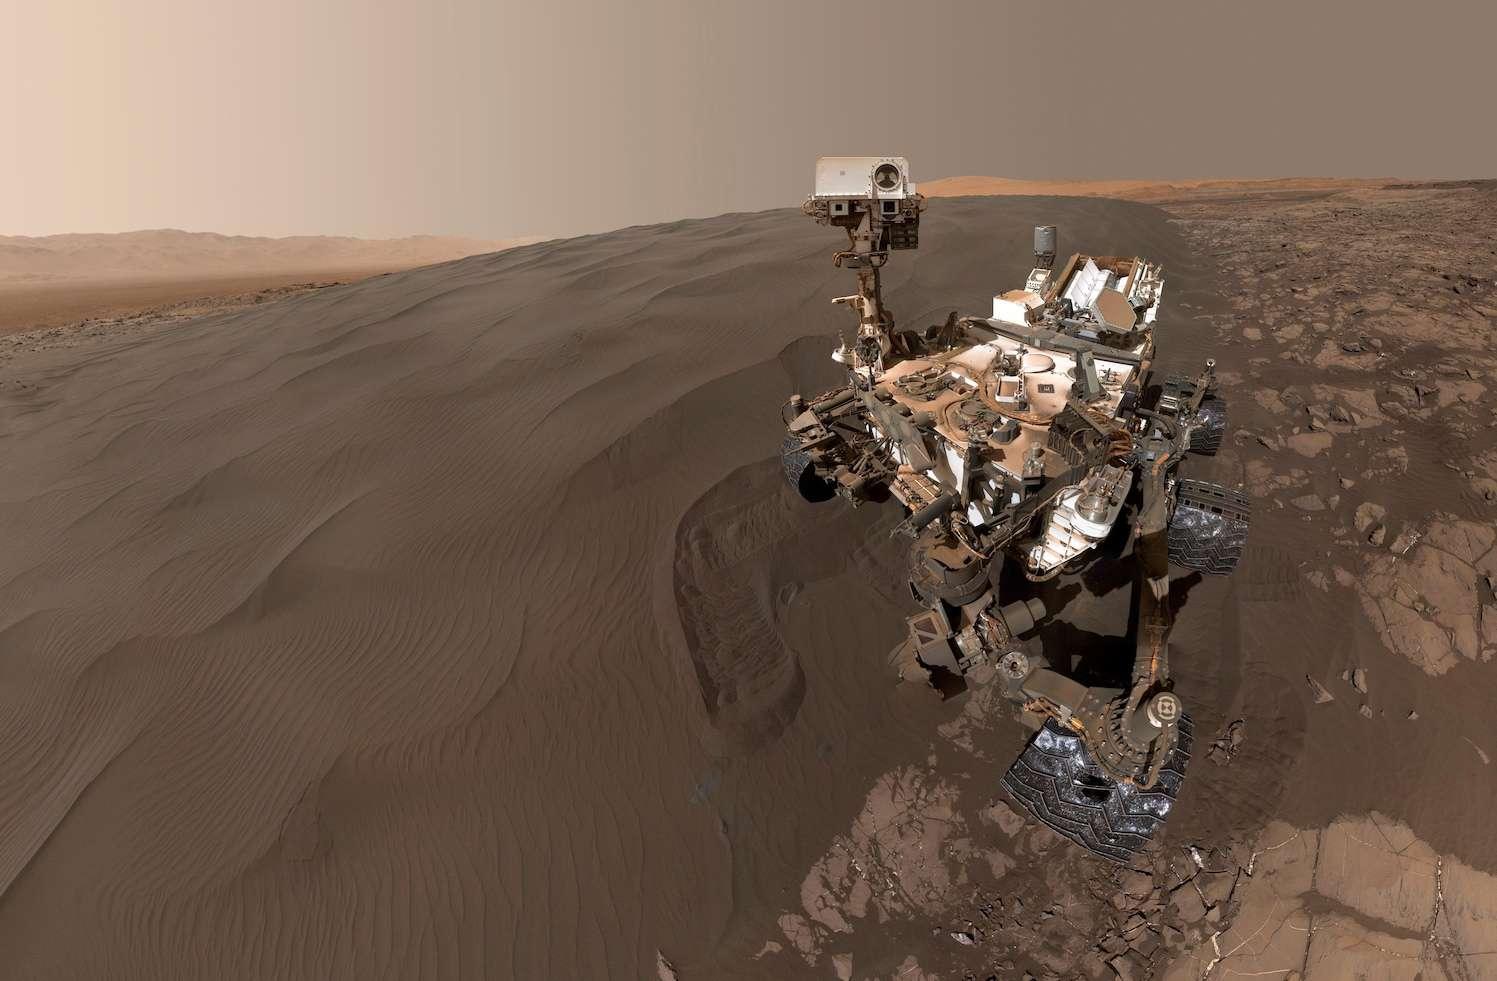 L'autoportrait de Curiosity sur Mars, au bord de la dune de Namib, est composé de 57 images prises le 19 janvier 2016 (sol 1.228) avec la caméra Mahli. © Nasa, JPL-Caltech, MSSS